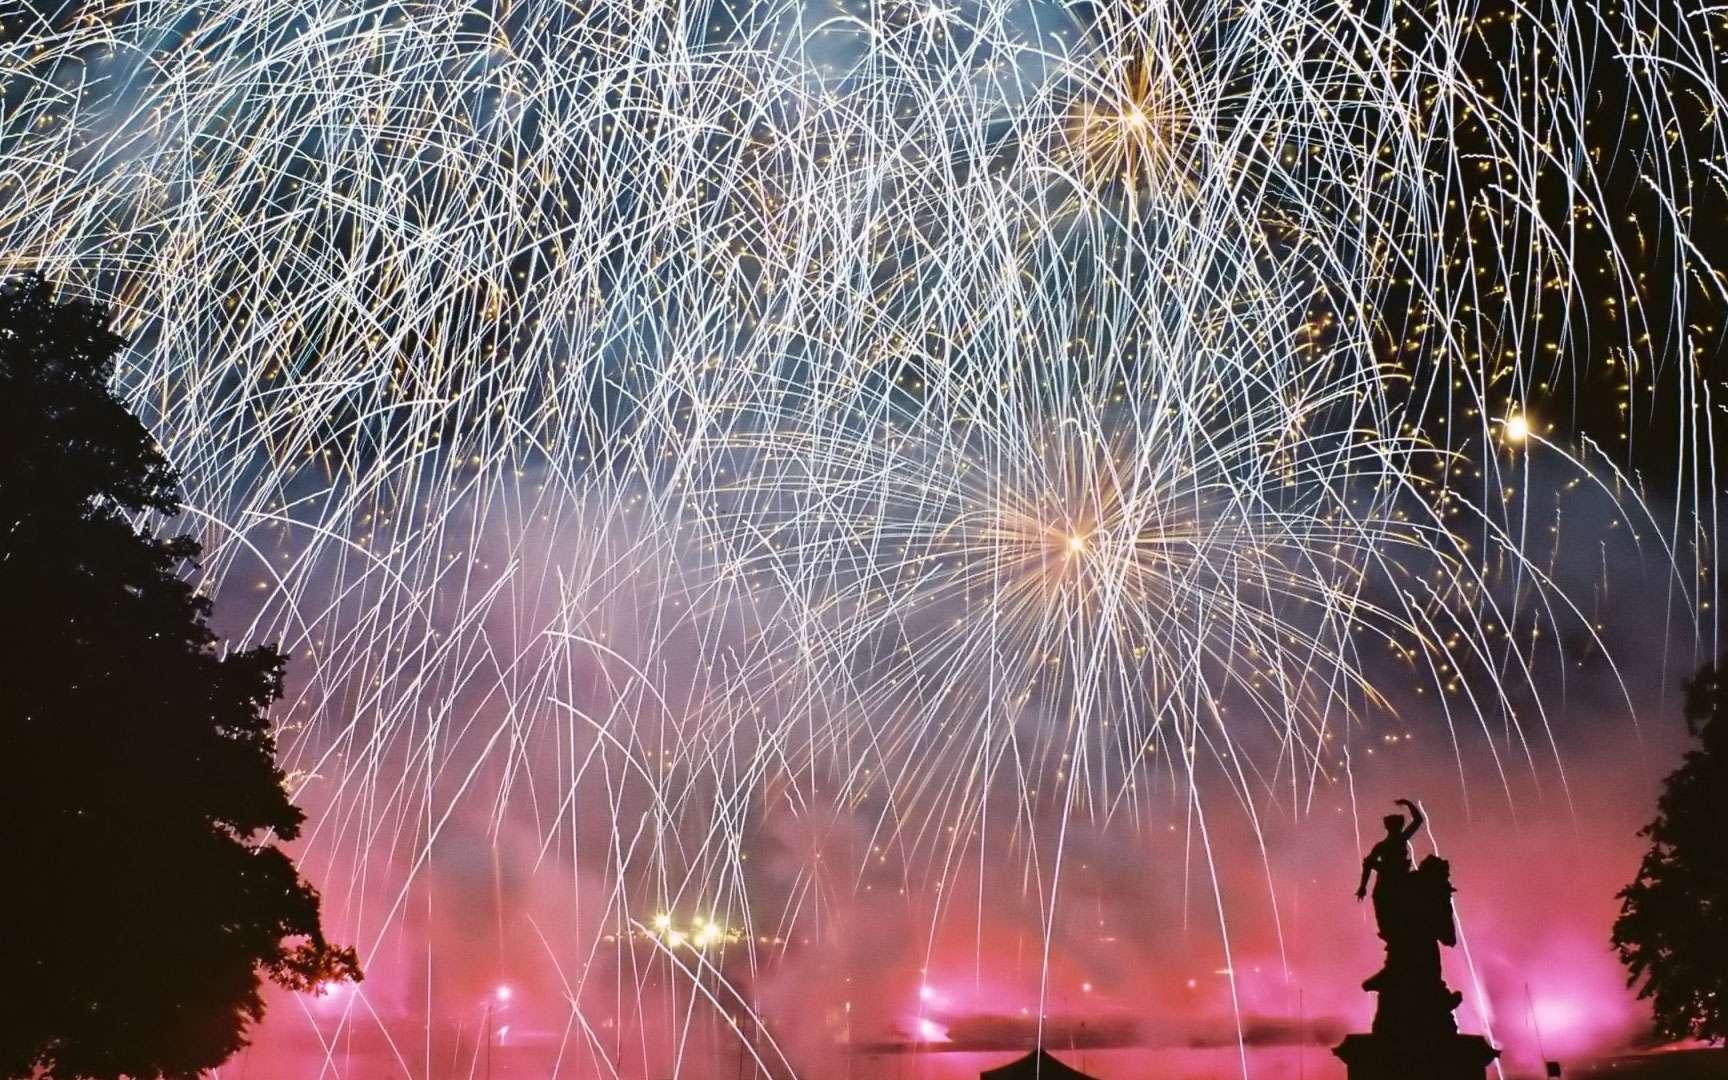 Océan de lumières. Le ciel plongé dans les couleurs bleues et roses par une multitude de feux d'artifices. © Vincent Blot Tous droits réservés Source : http://www.nuitsdefeu.com/